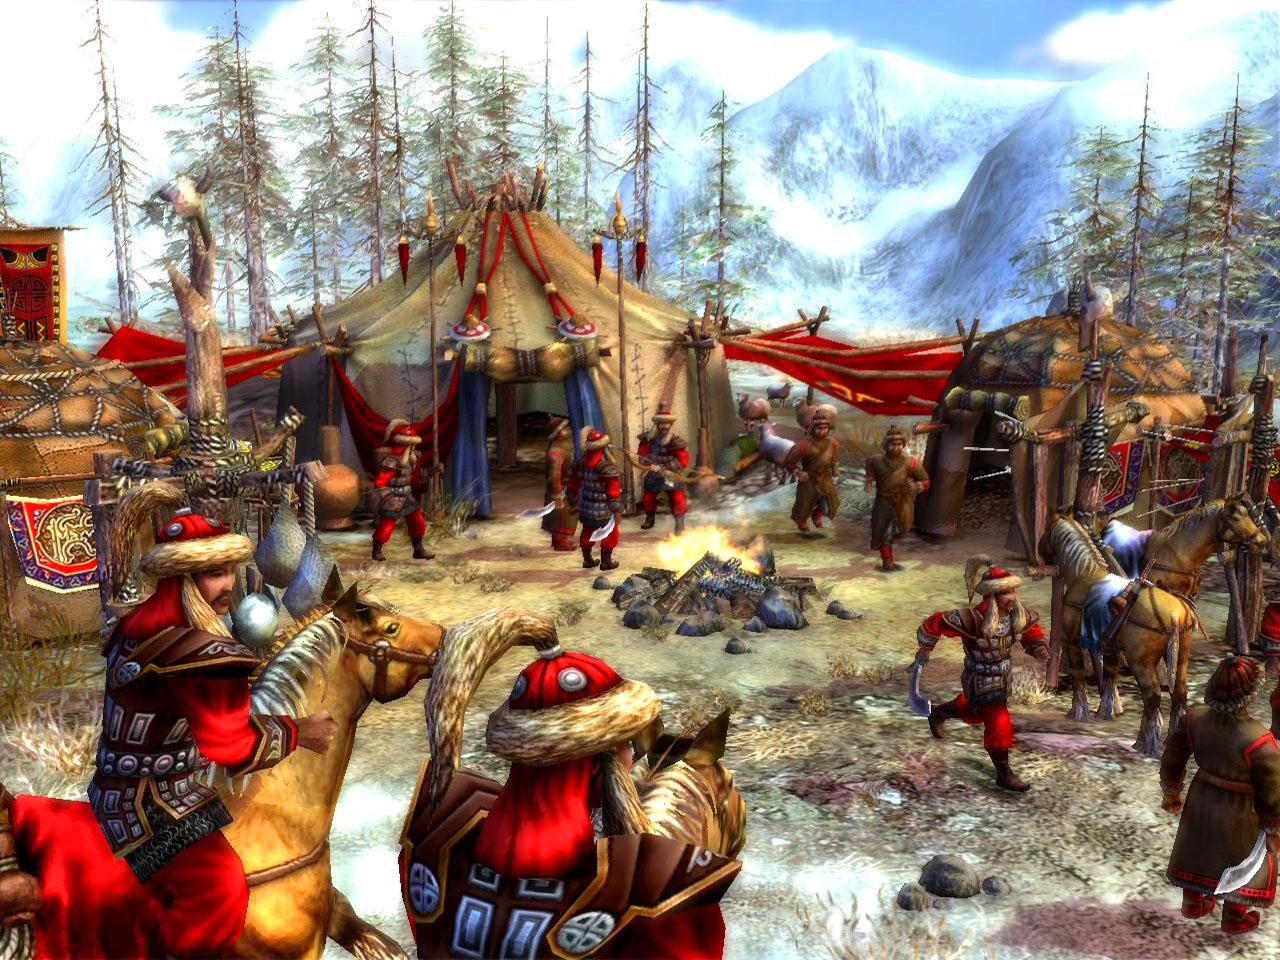 До сих пор сохранился целый свод правил, регламентирующих порядок посещения монгольской юрты